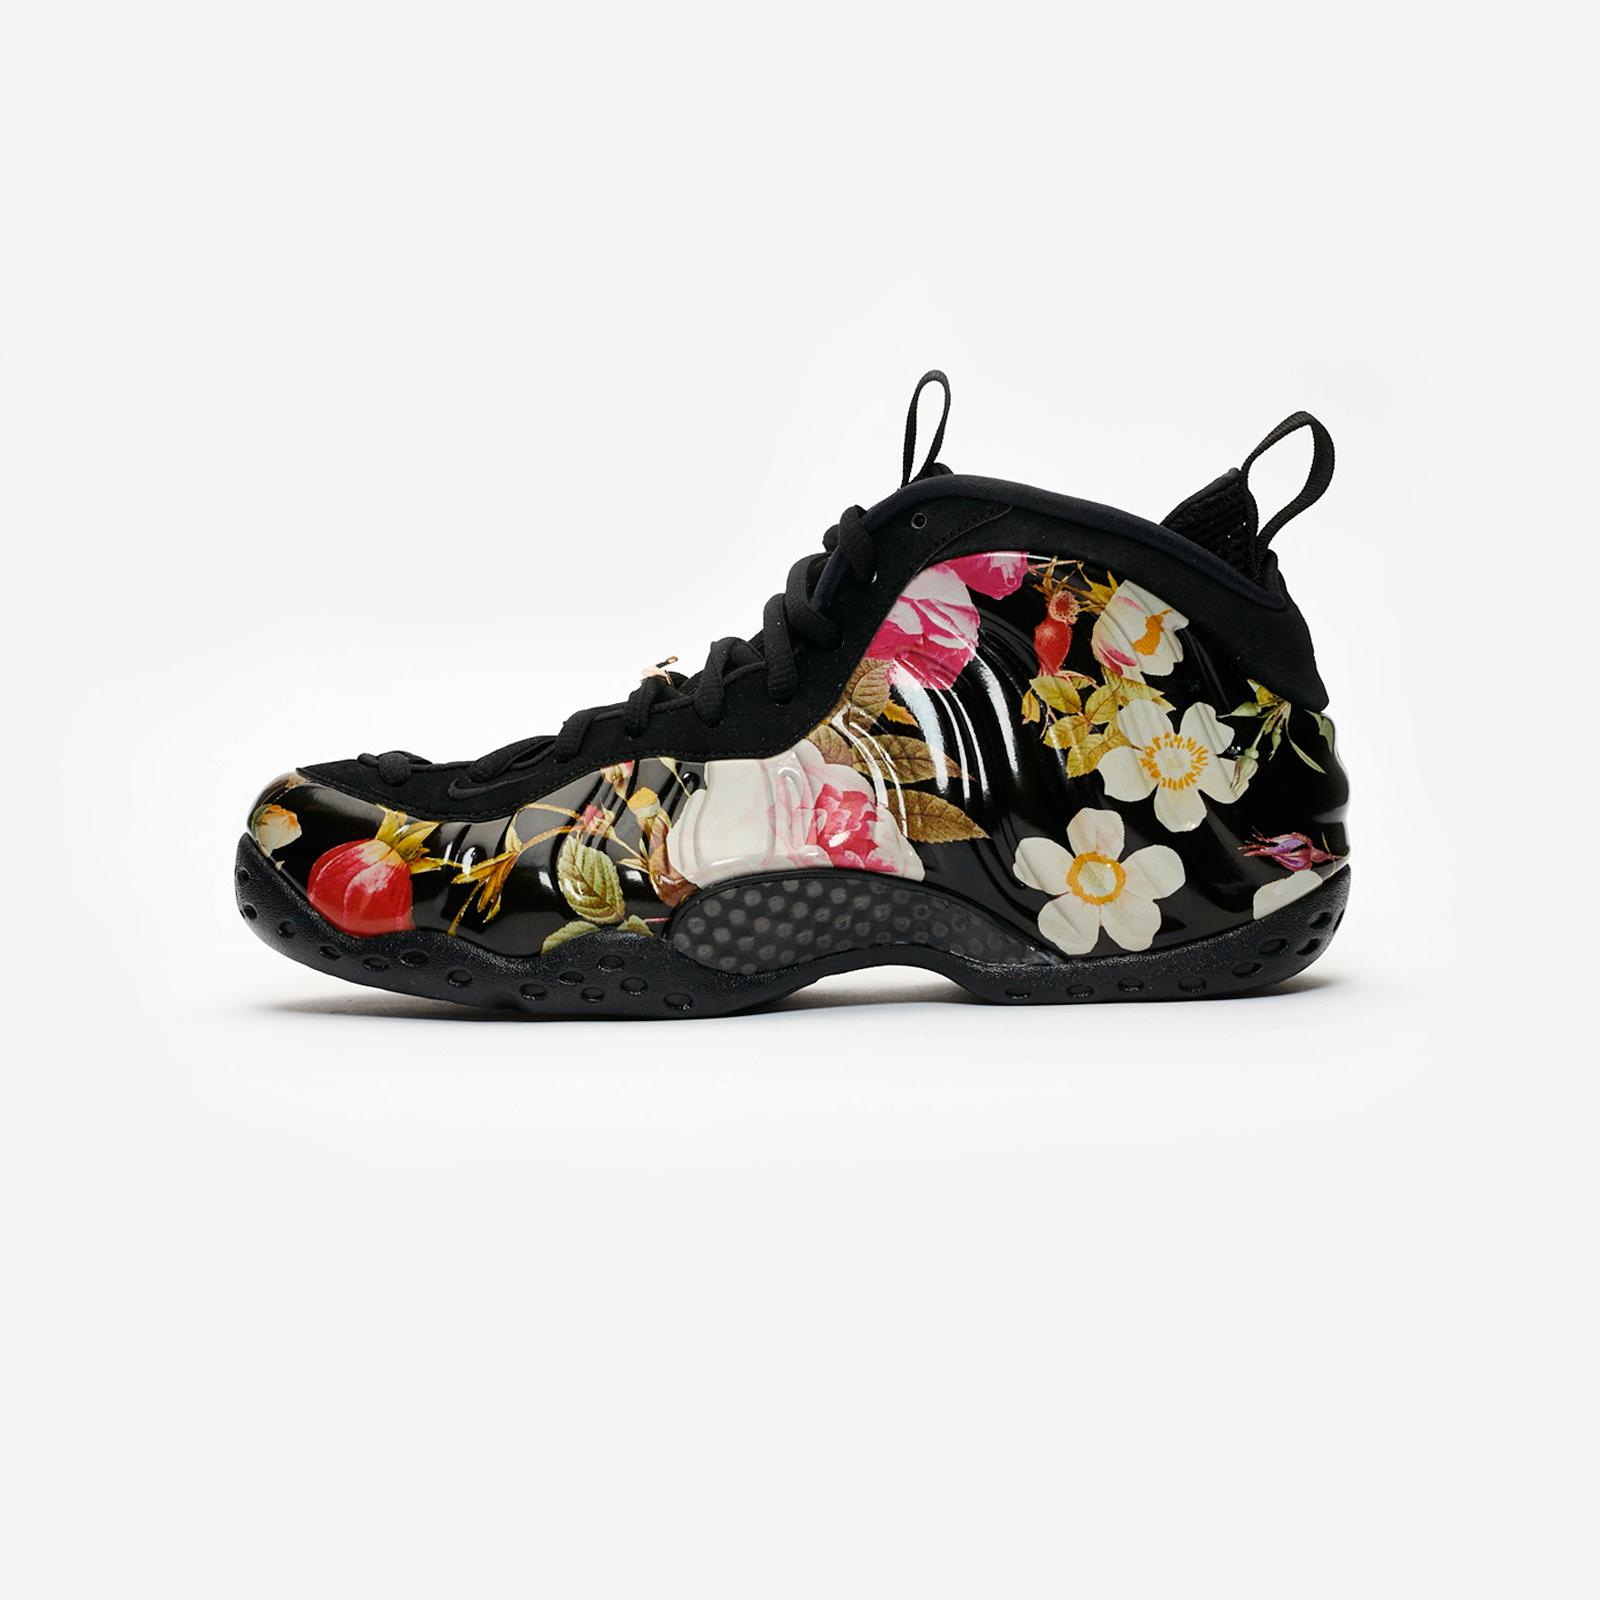 best cheap f5d23 1c4f0 Nike Air Foamposite One - 314996-012 - Sneakersnstuff   sneakers    streetwear online since 1999